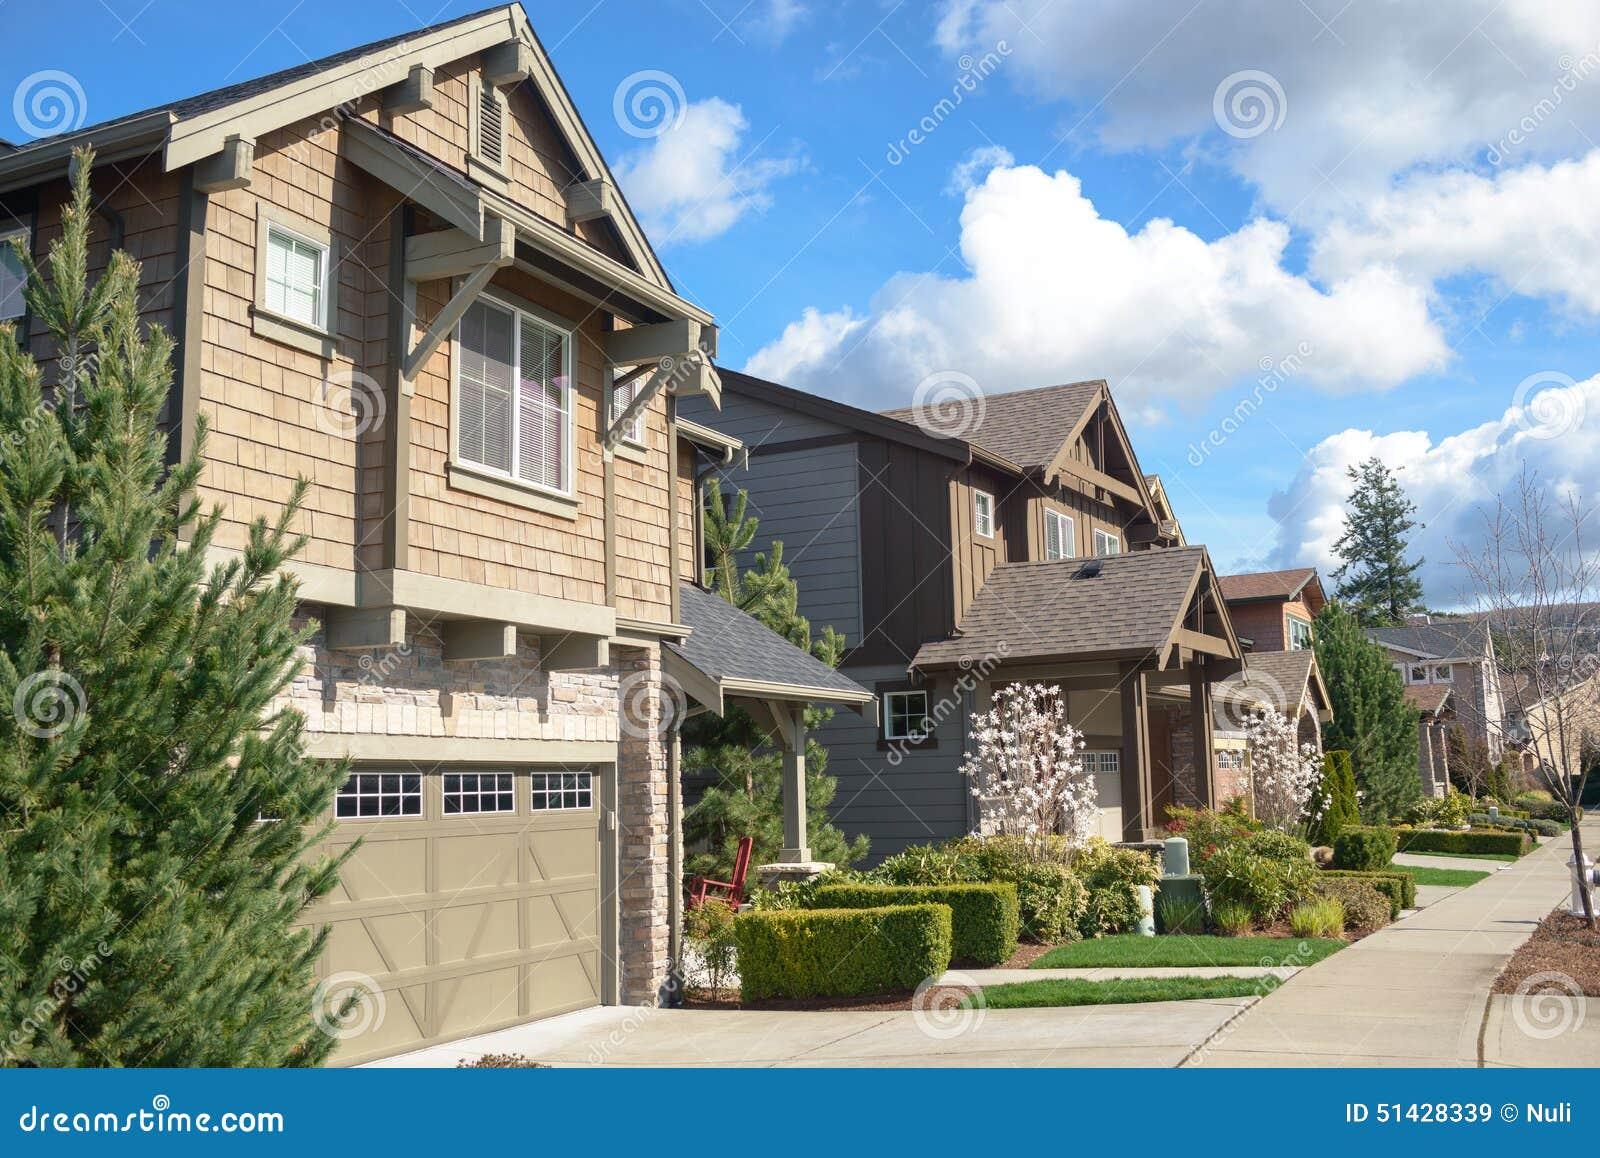 Rua americana com casas bonitas foto de stock imagem for Foto case americane